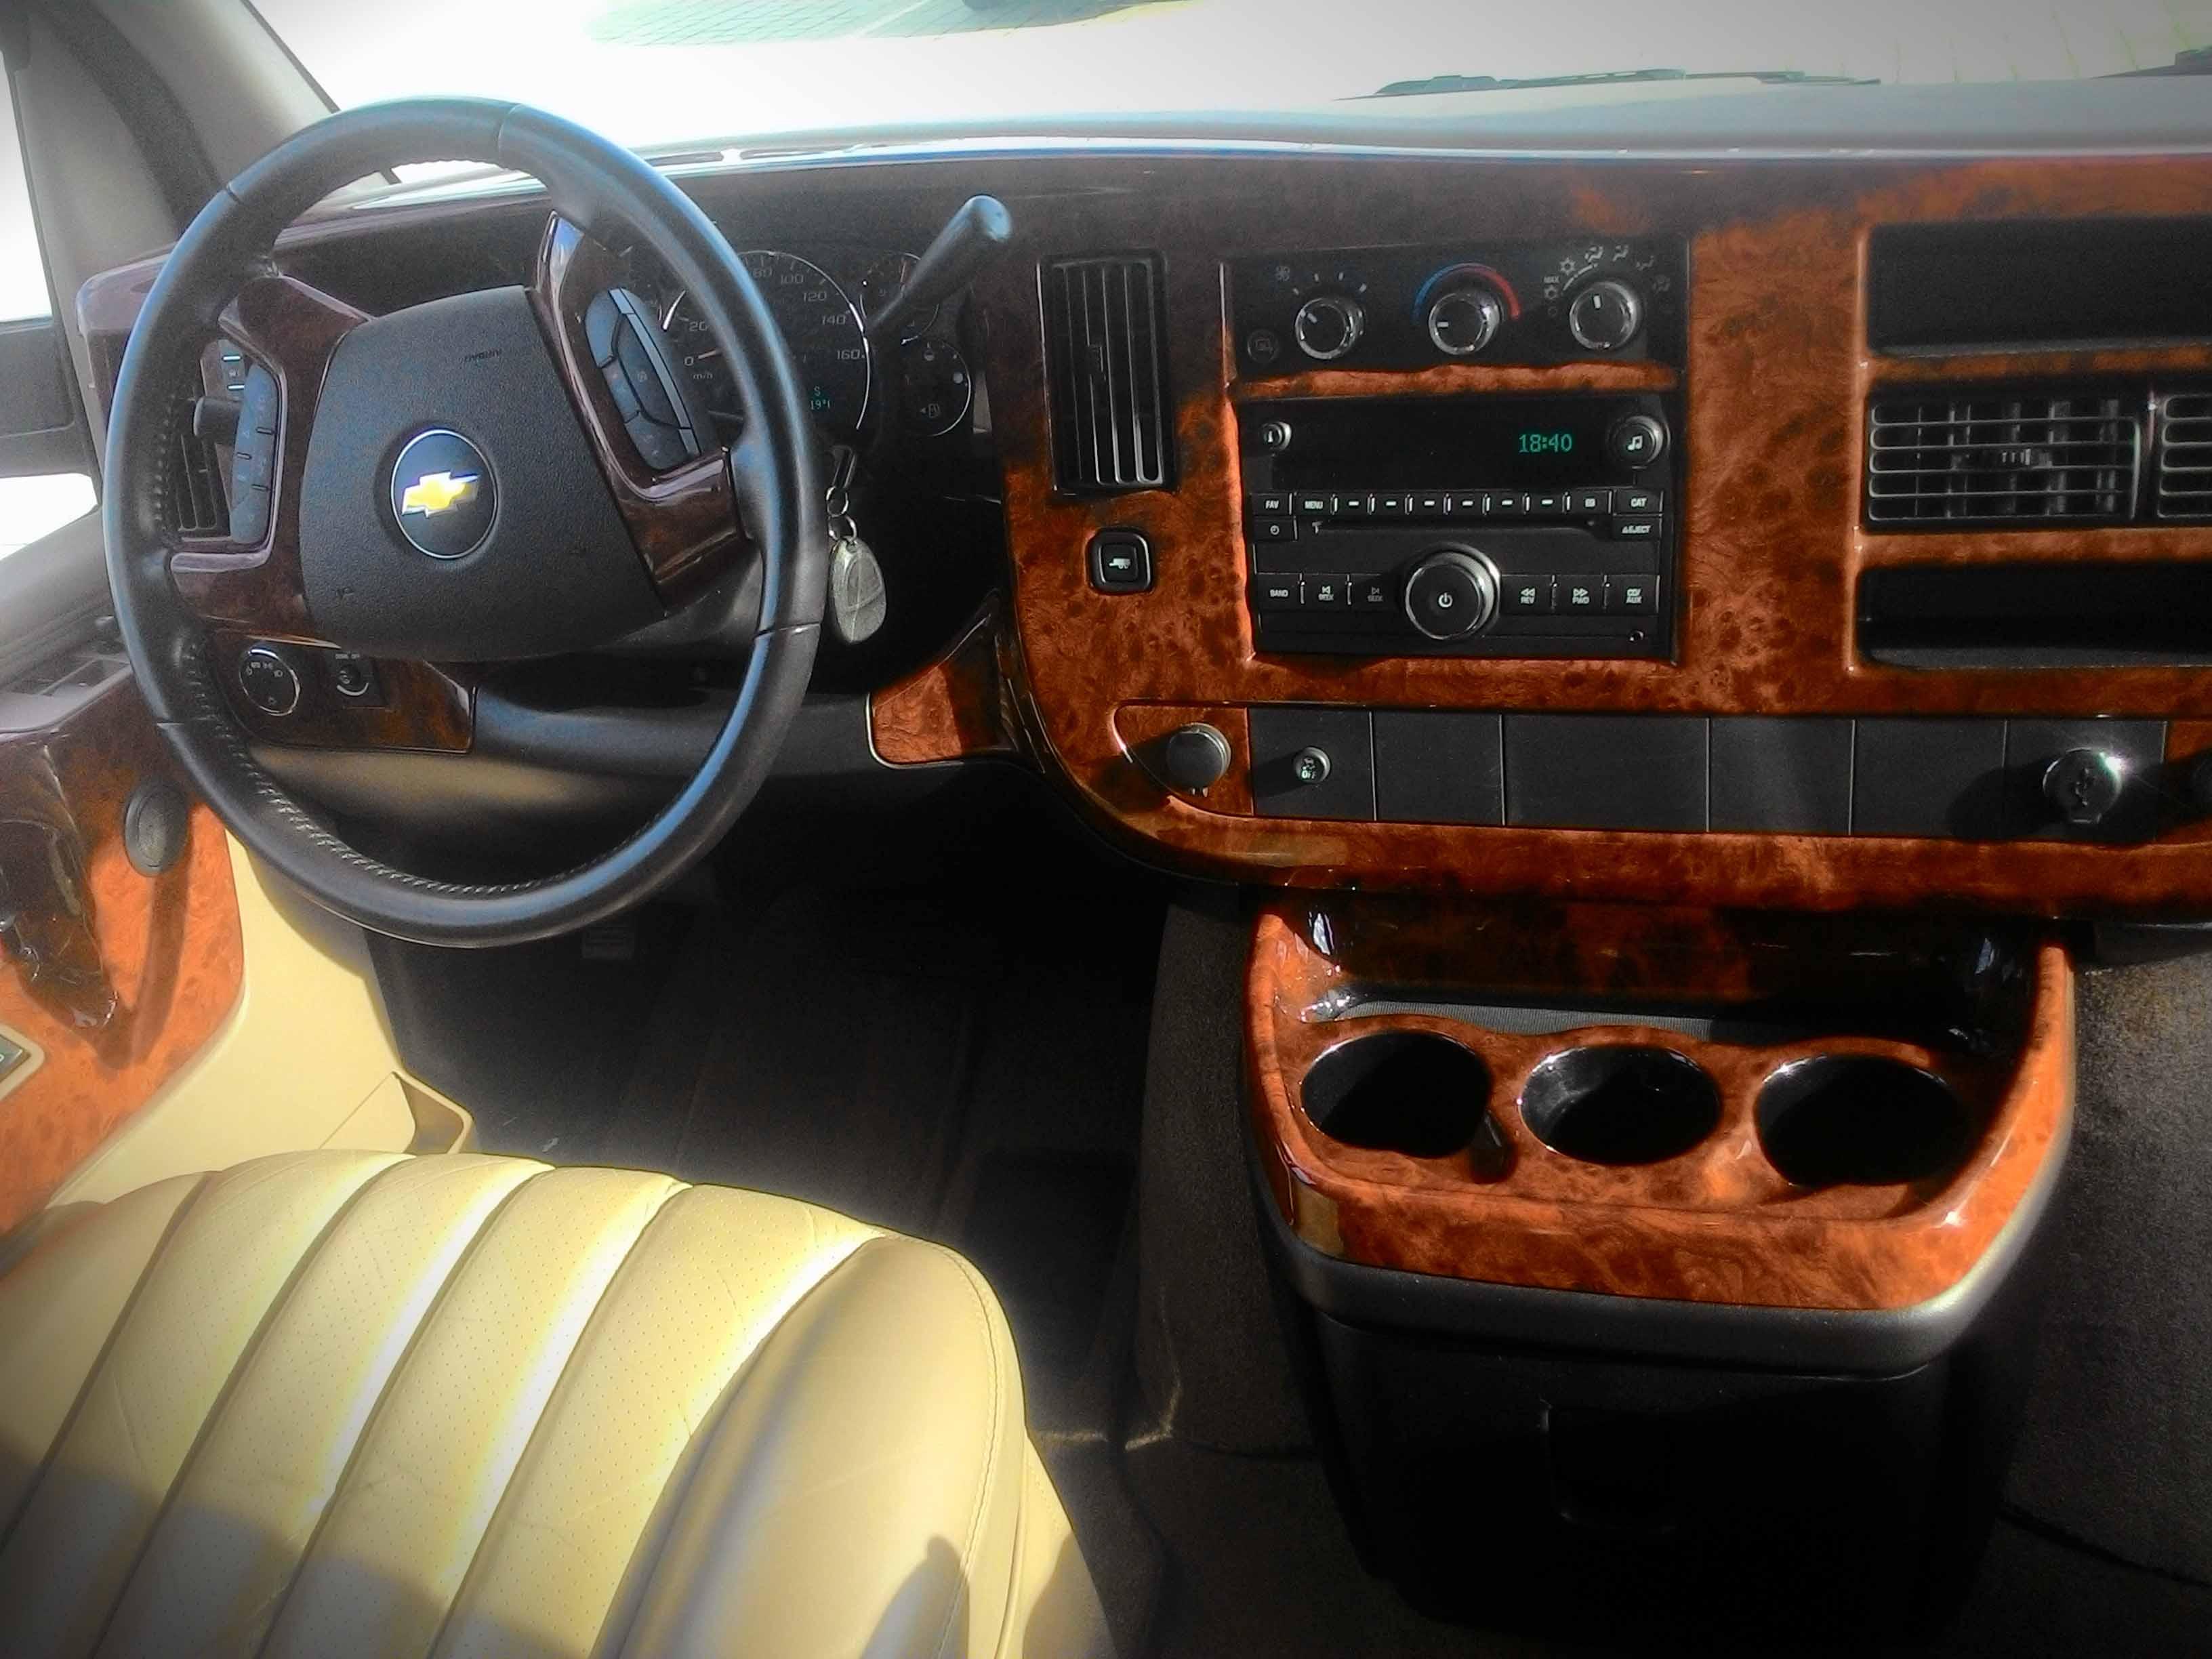 Chevrolet Express 2012 интерьер